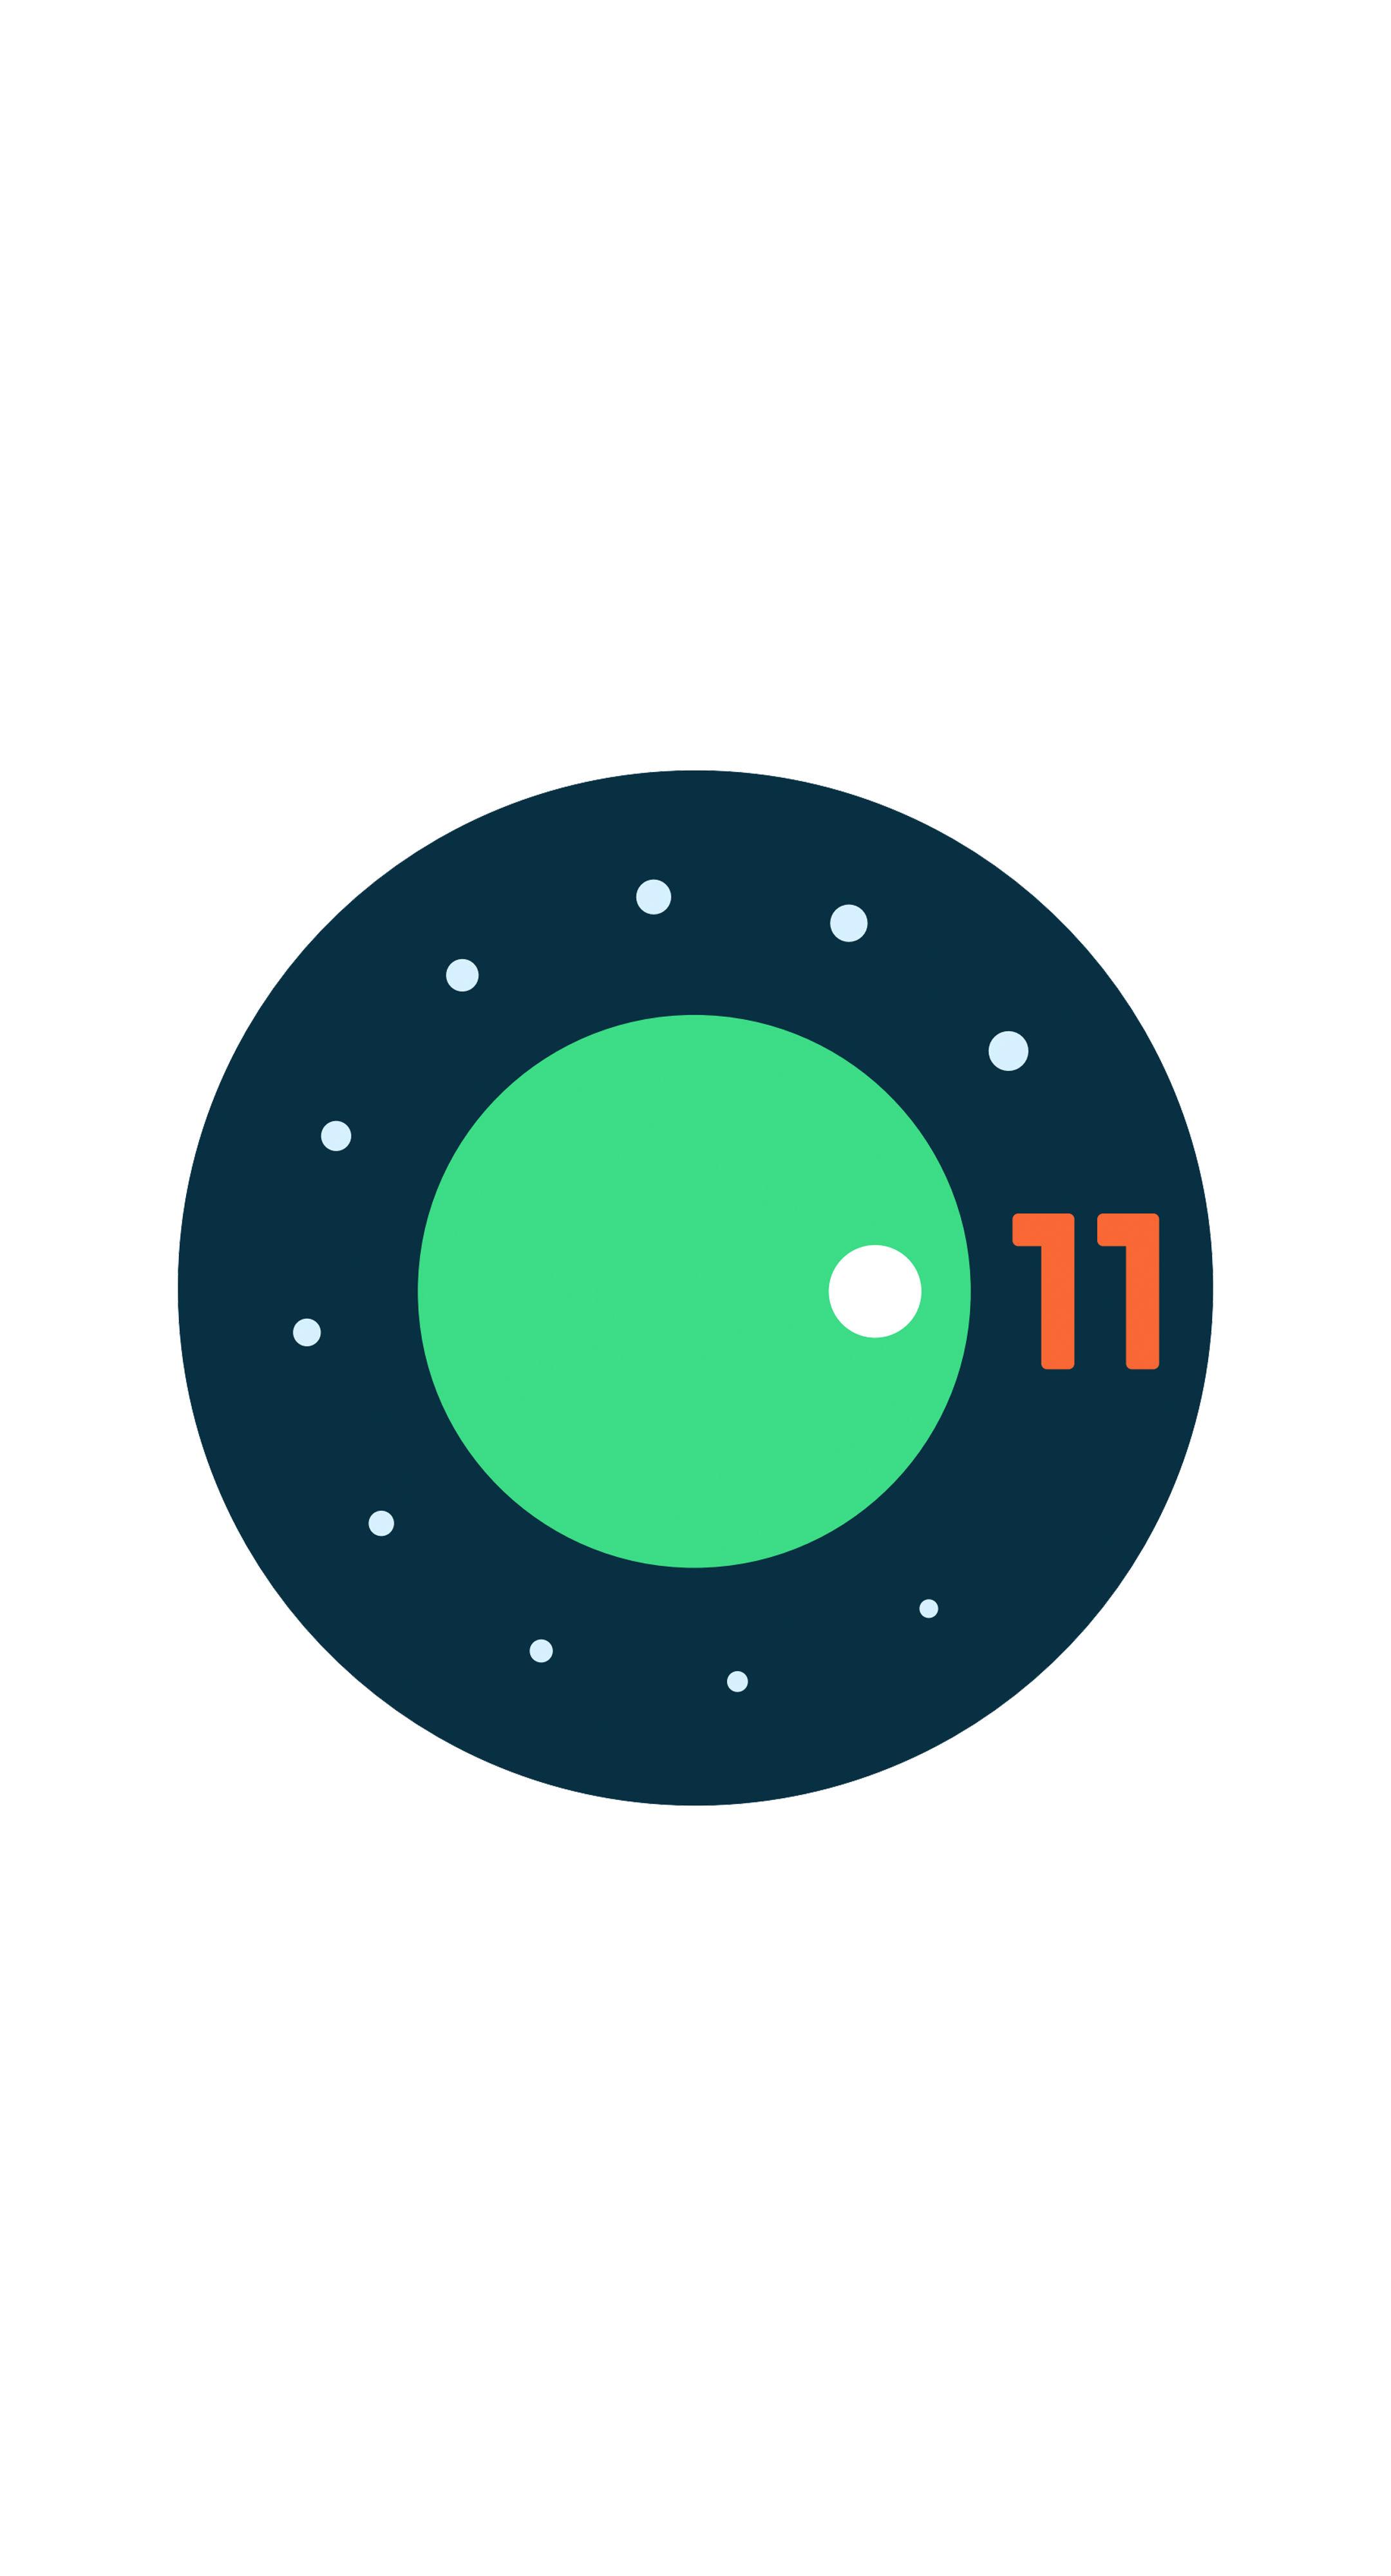 android-11-logo-white